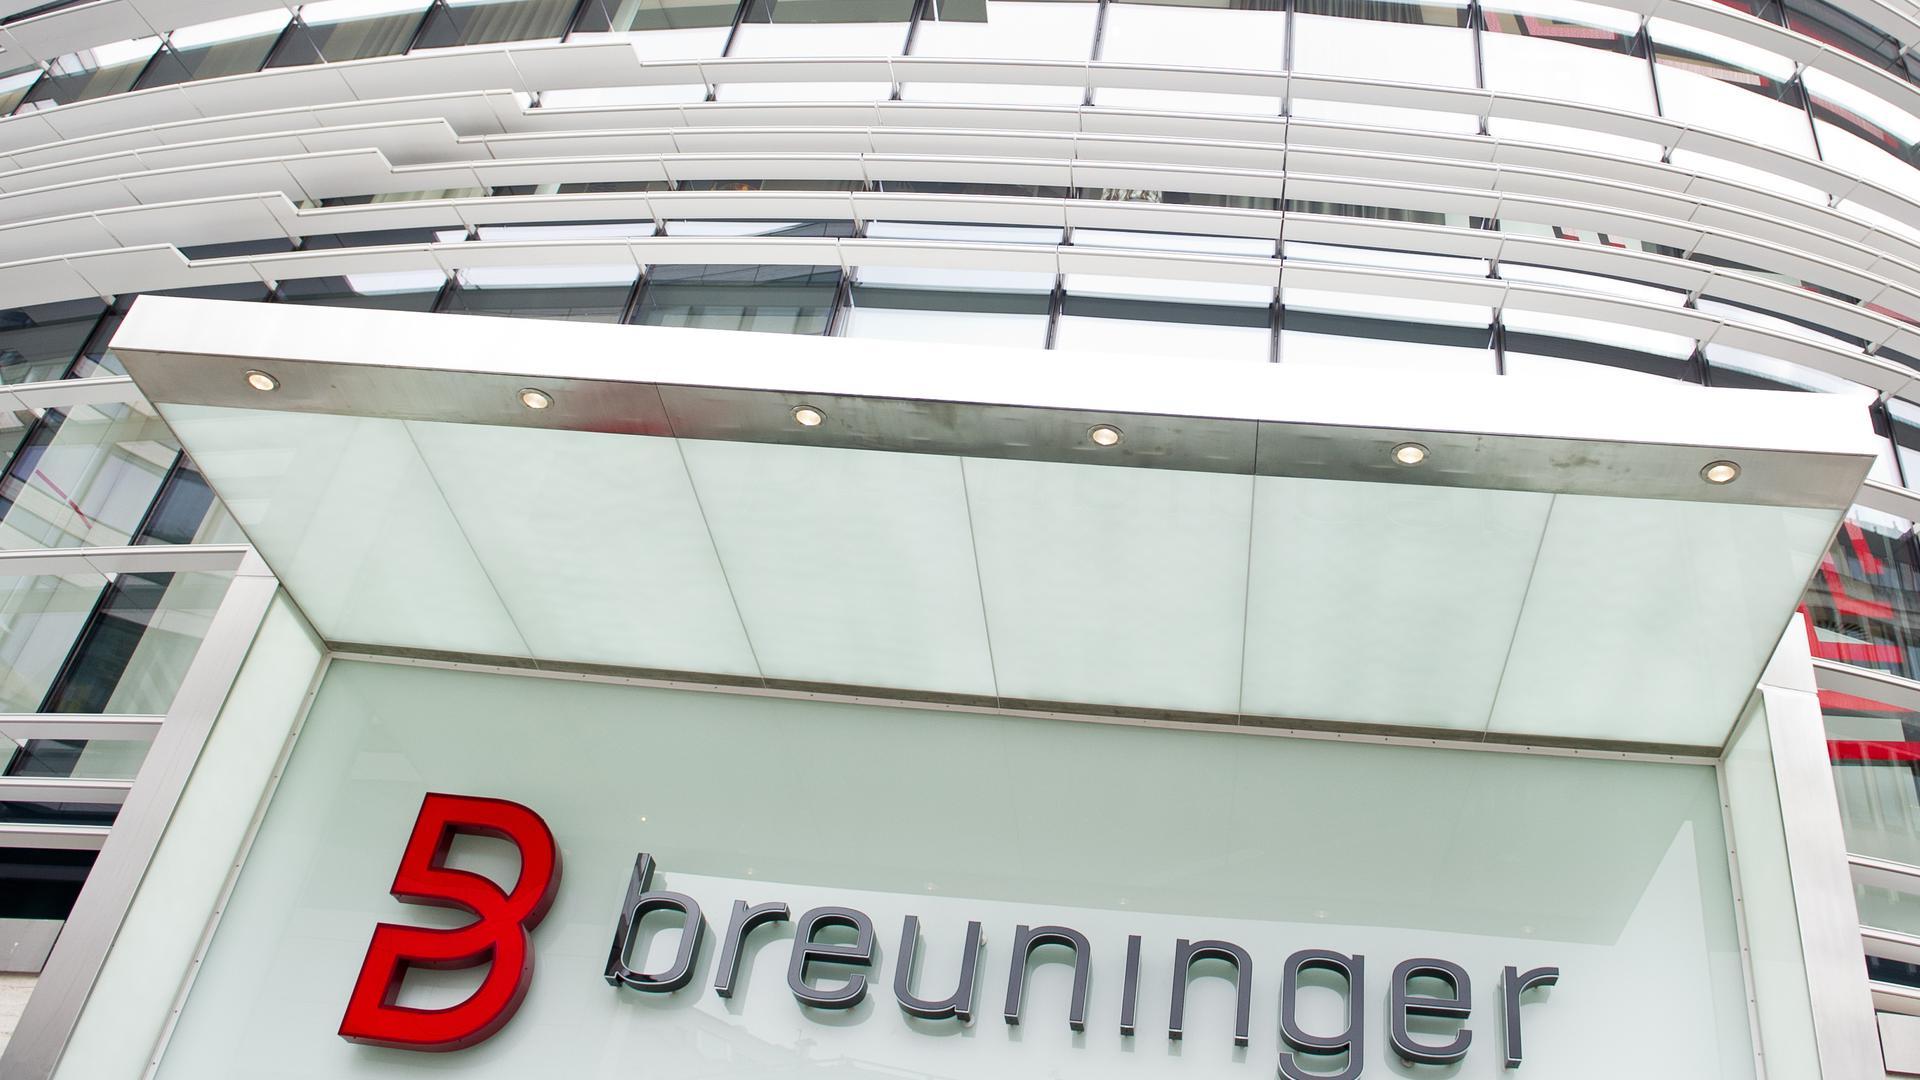 ARCHIV - Das Breuninger Kaufhaus im «Kö-Bogen» in Düsseldorf (Nordrhein-Westfalen), aufgenommen am 17.10.2013. Foto: Jan-Philipp Strobel/dpa (zu dpa: «Oberlandesgericht entscheidet im Streit um Breuninger-Beteiligung» vom 20.07.2016) +++ dpa-Bildfunk +++